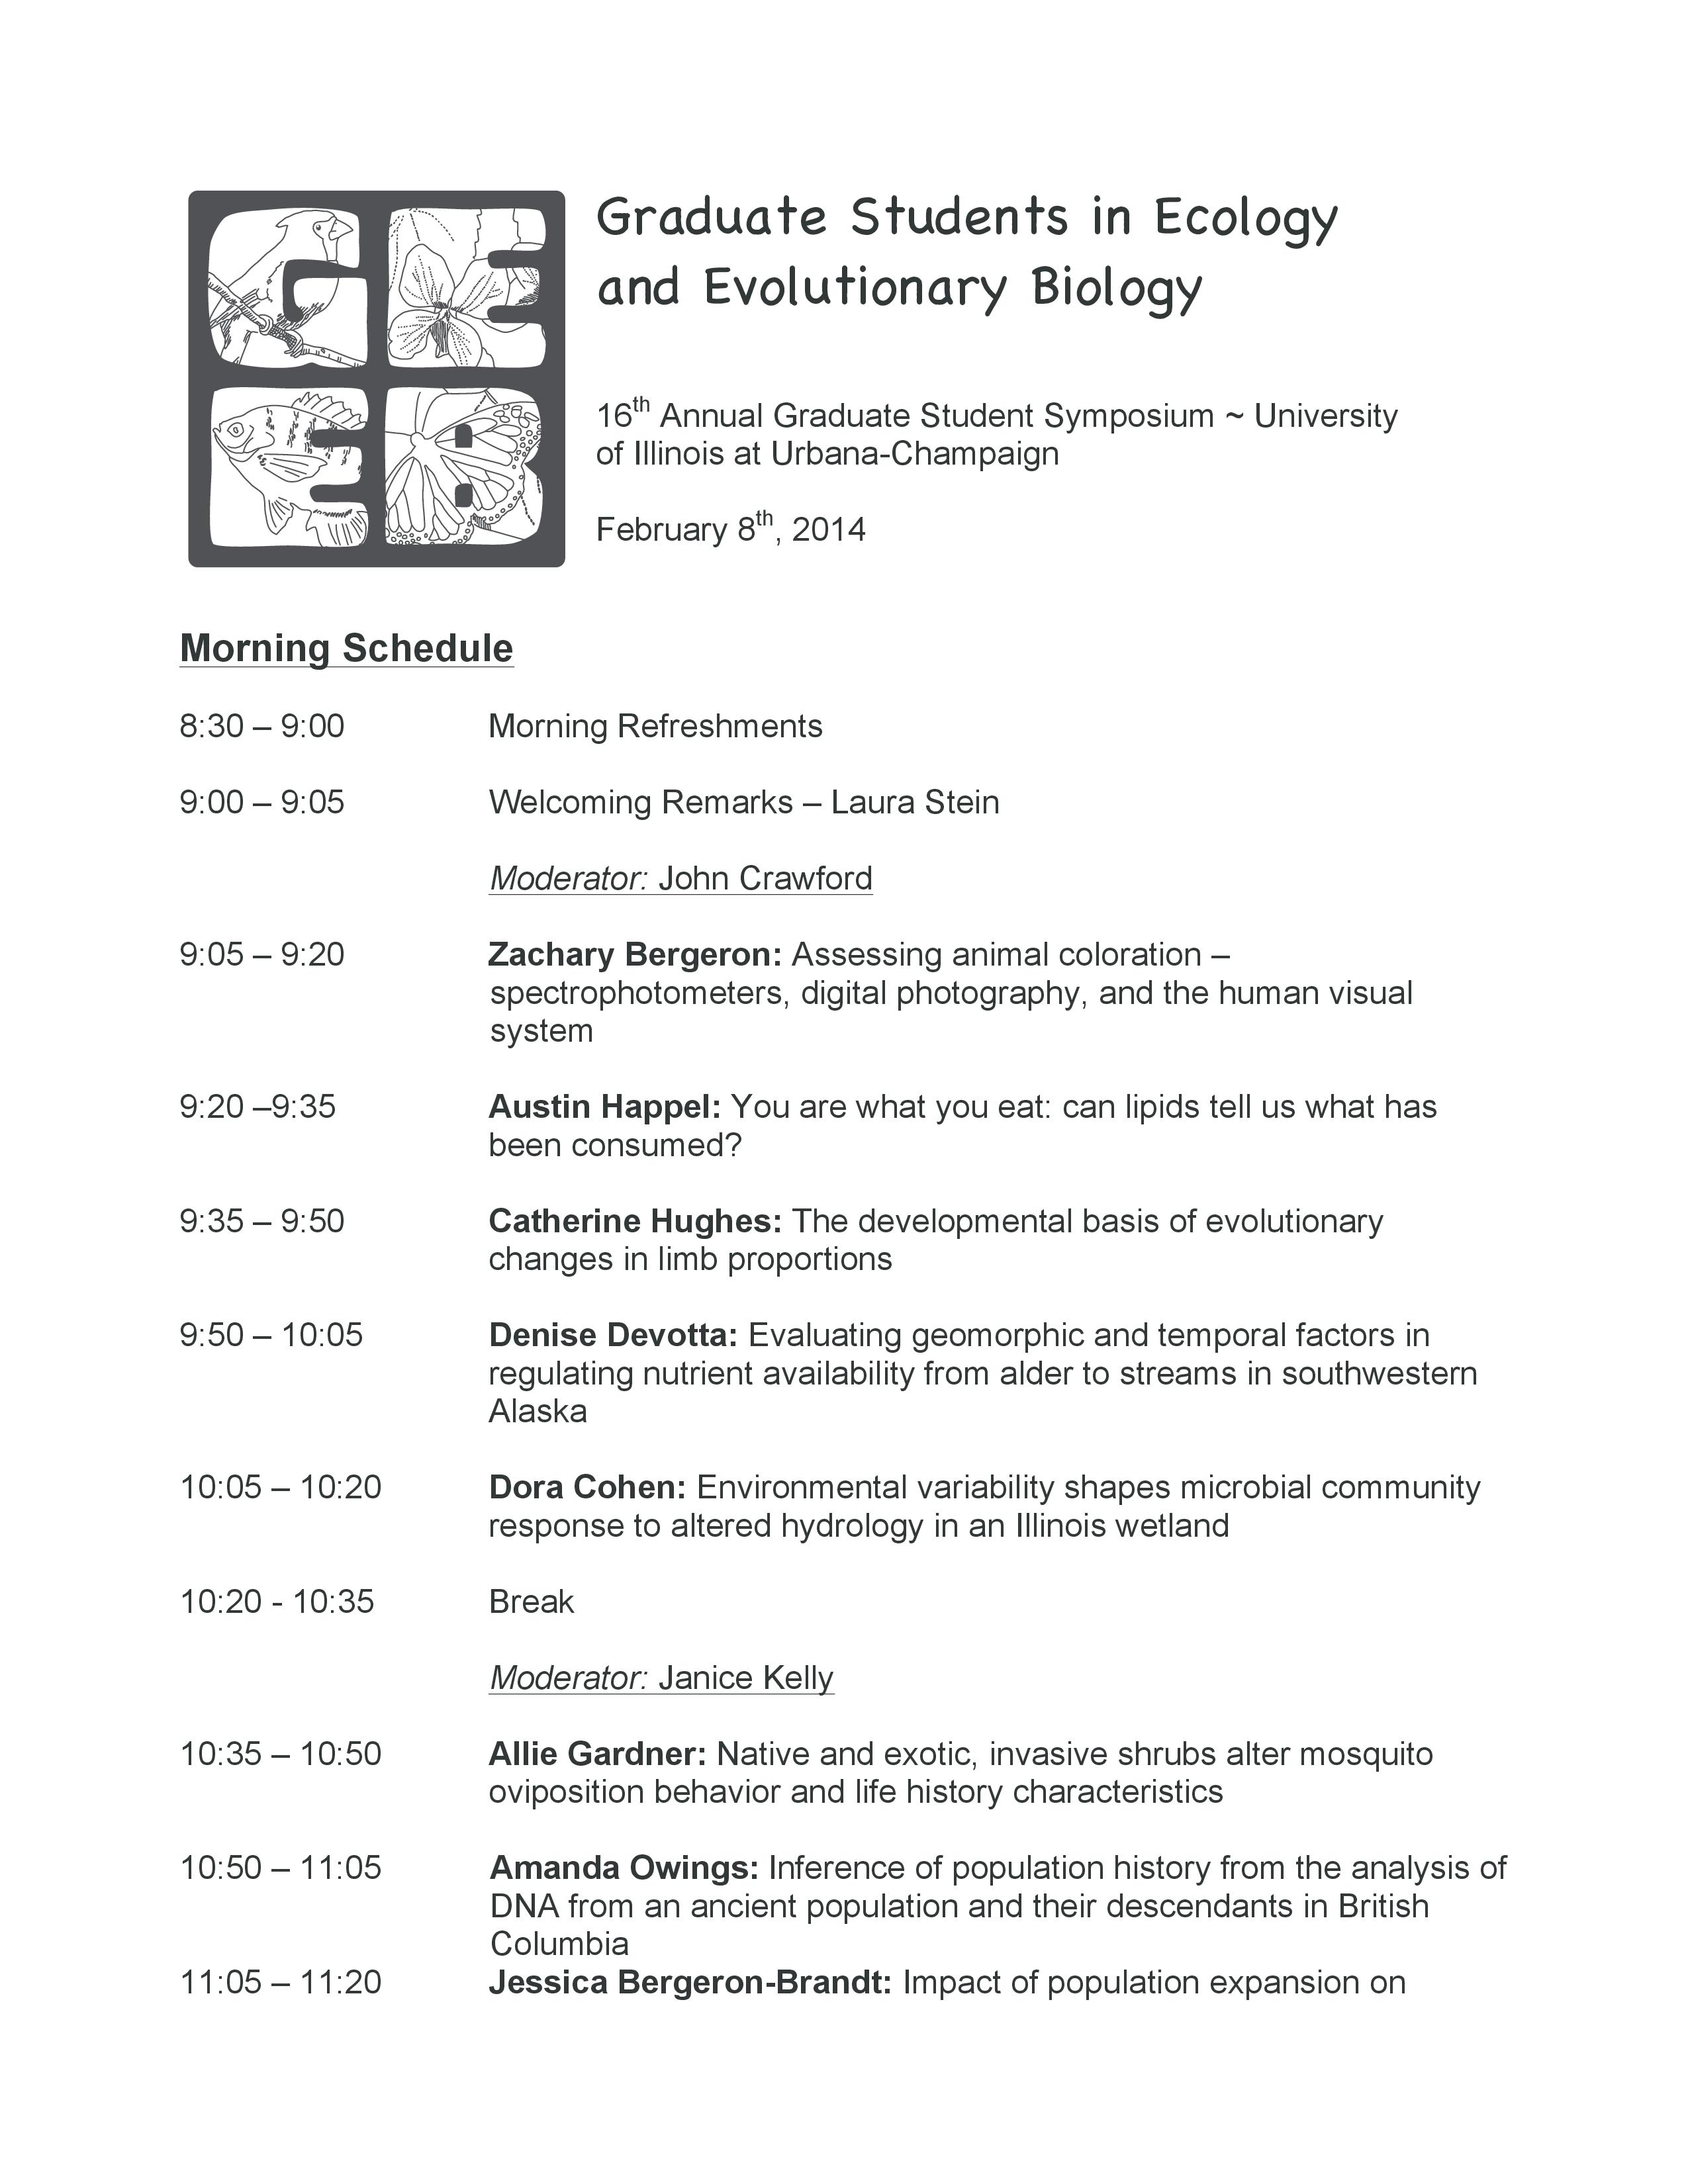 GEEBSymposium_ScheduleOfTalks2014-0